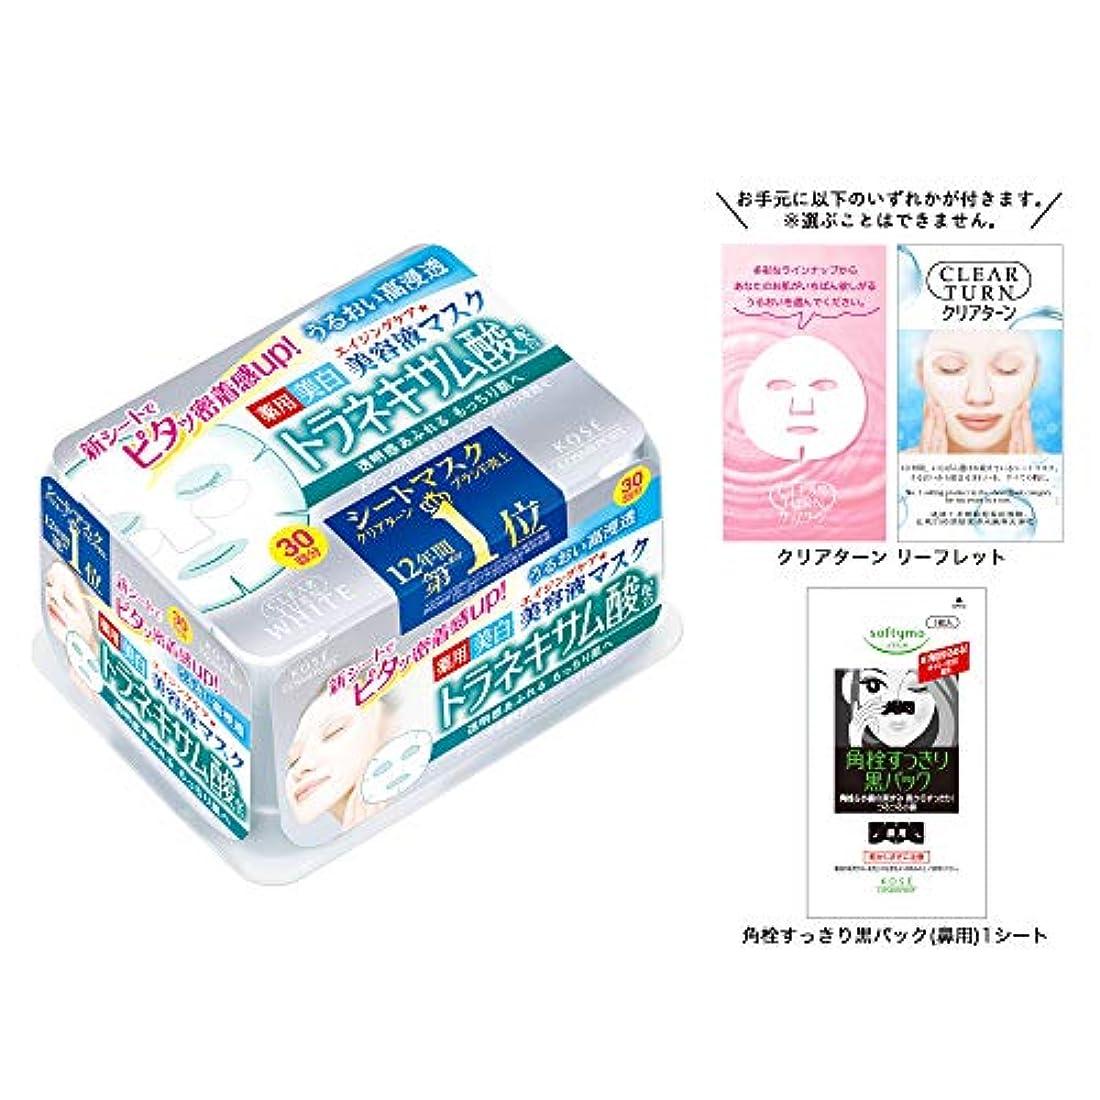 始まり情緒的残る【Amazon.co.jp限定】KOSE コーセー クリアターン エッセンス マスク (トラネキサム酸) 30枚 おまけ付 フェイスマスク (医薬部外品)